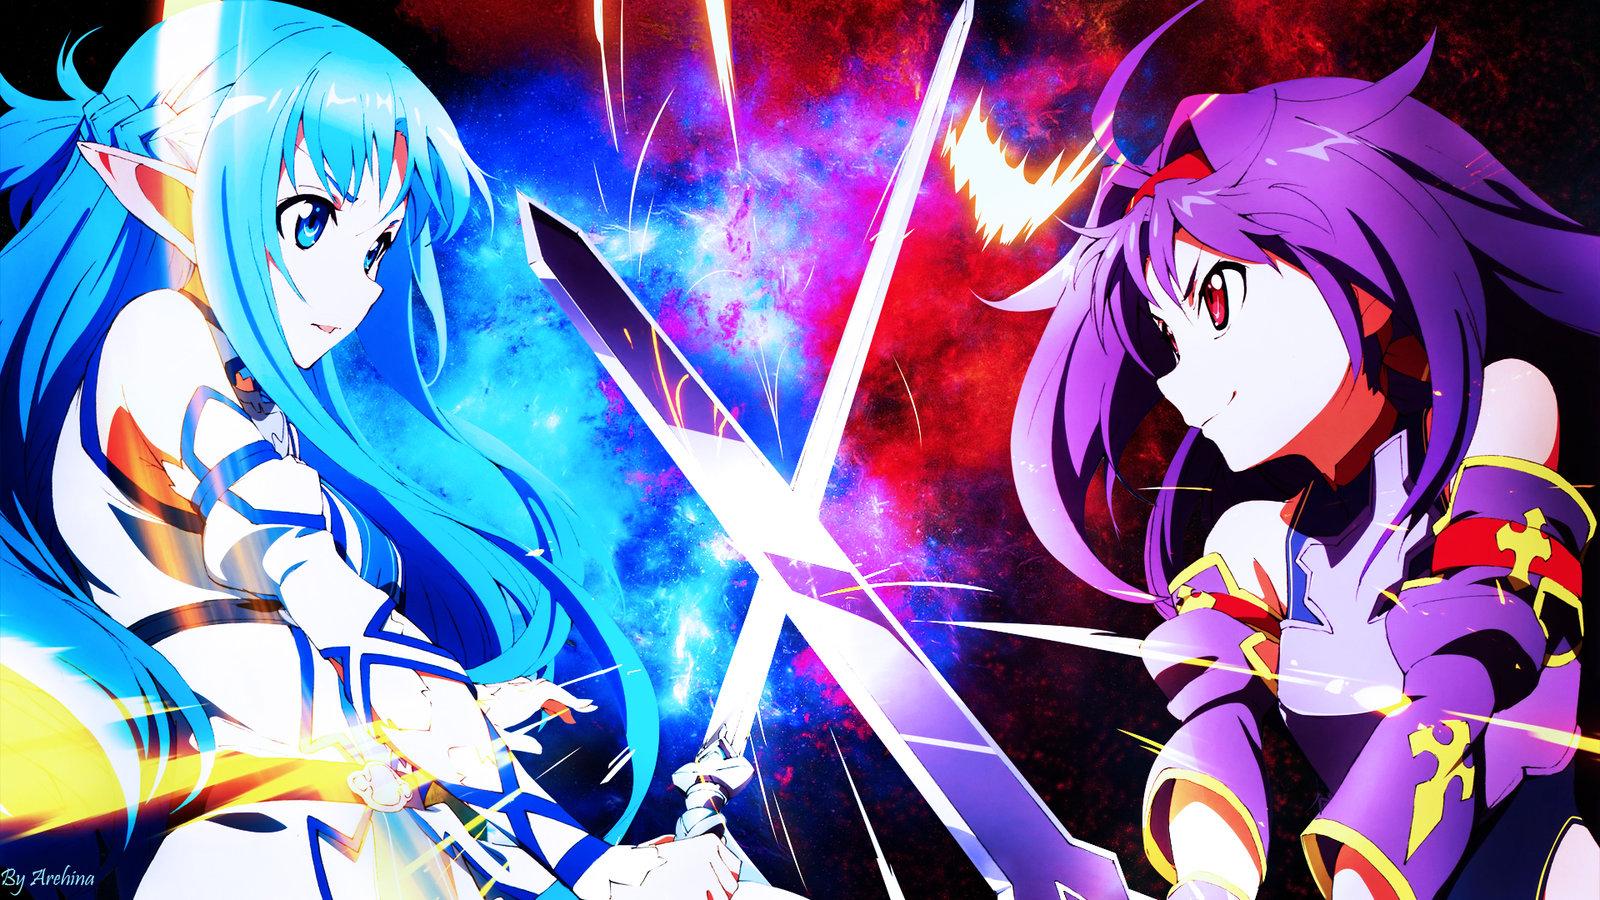 42 Sword Art Online Yuuki Wallpaper On Wallpapersafari